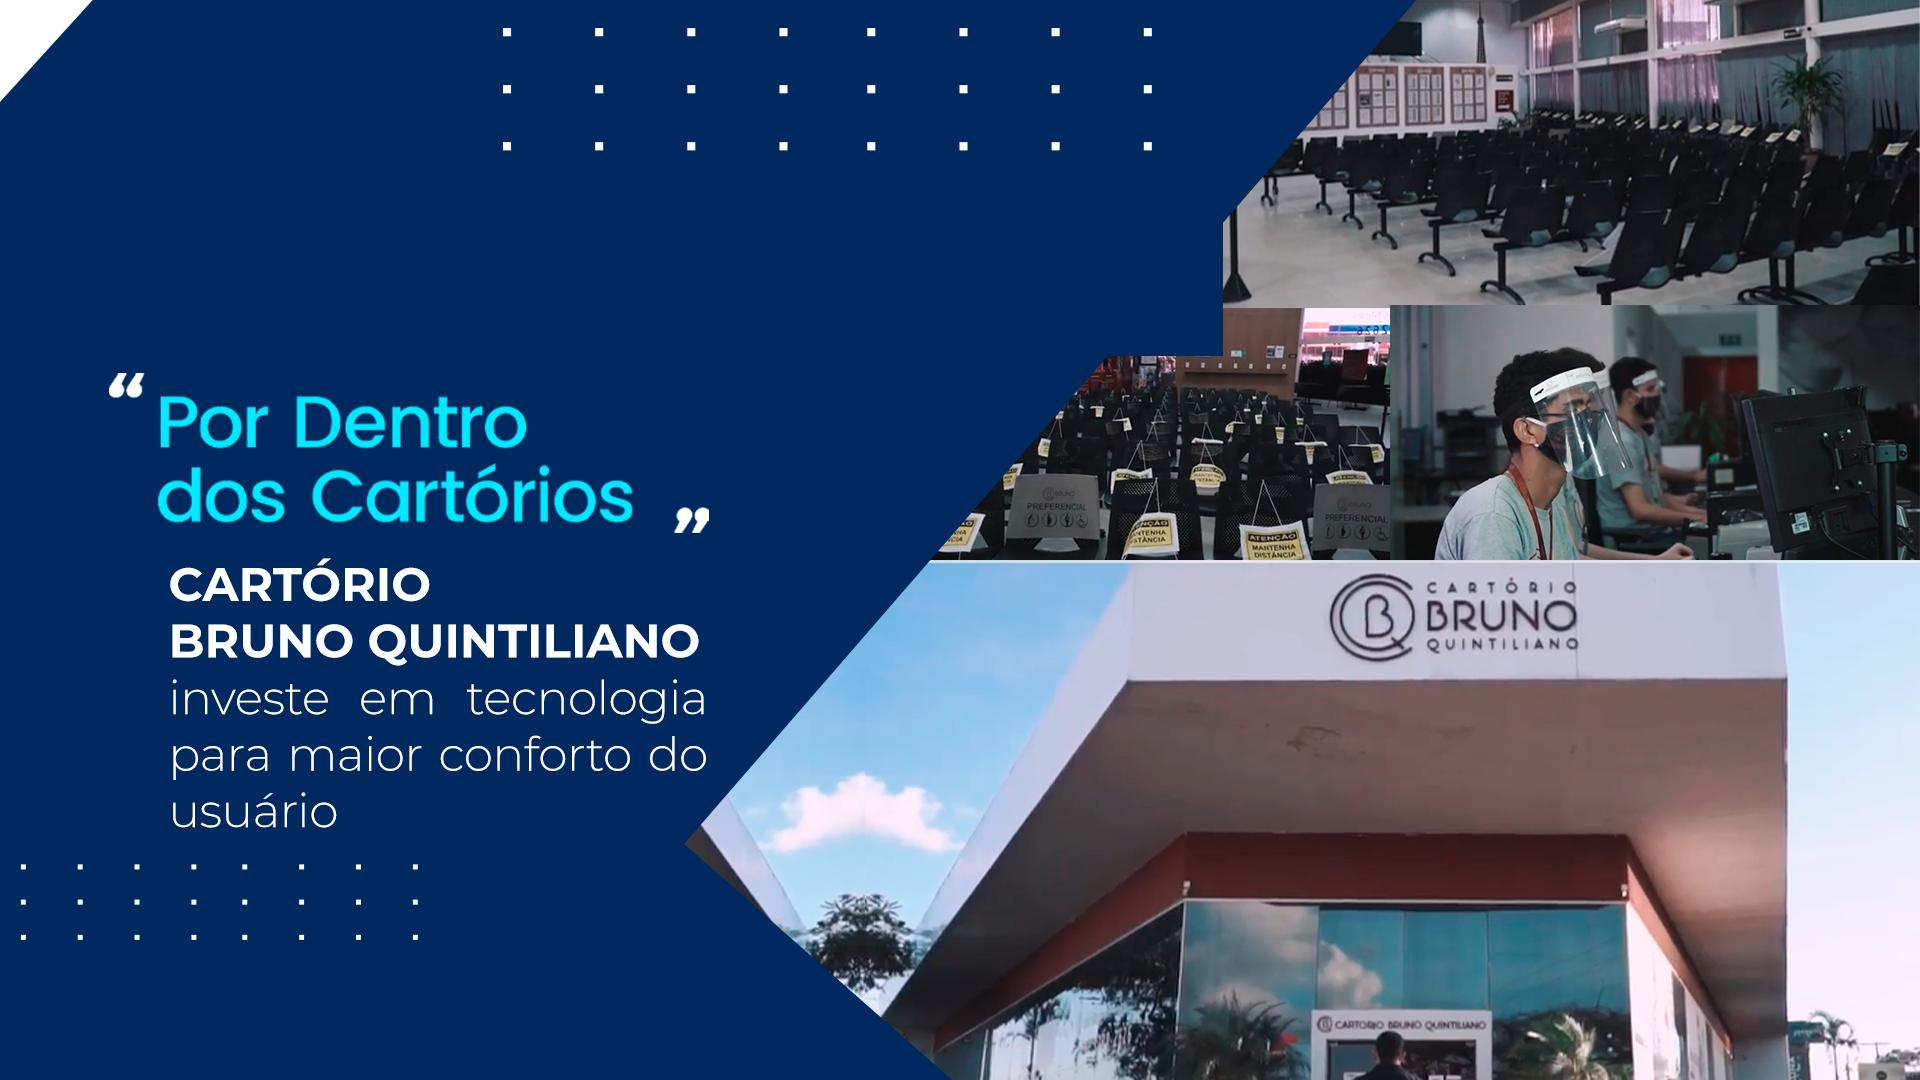 Cartório Bruno Quintiliano Investe Em Tecnologia Para Maior Conforto Do Usuário